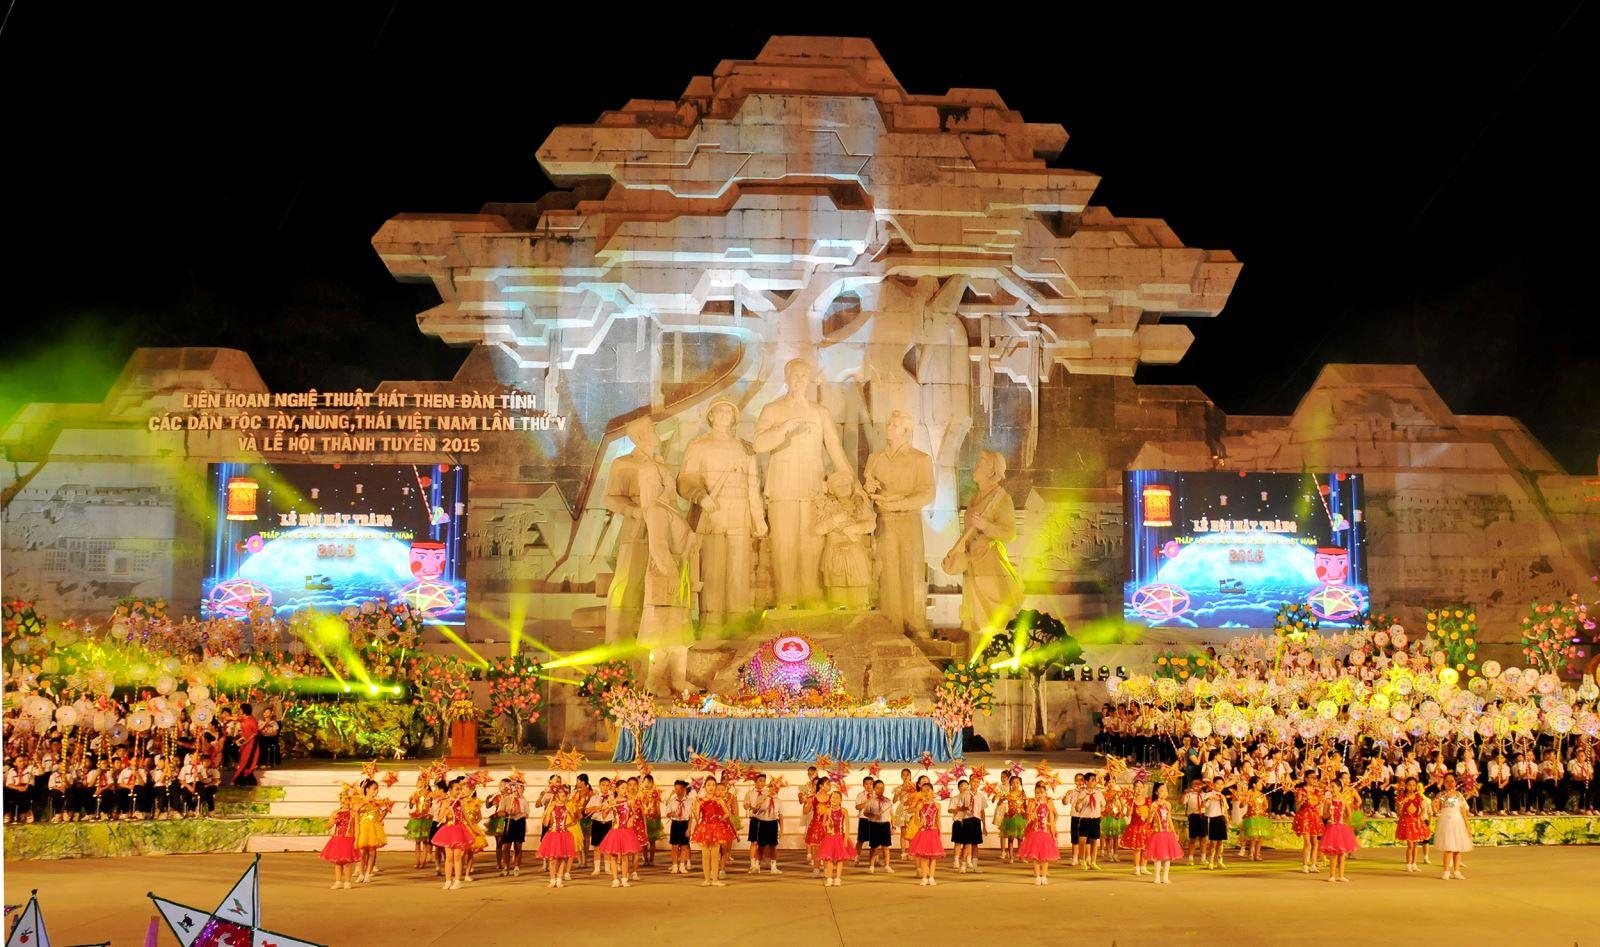 Bán sim số đẹp tại Tuyên Quang - Đại lý sim thẻ tại Tuyên Quang